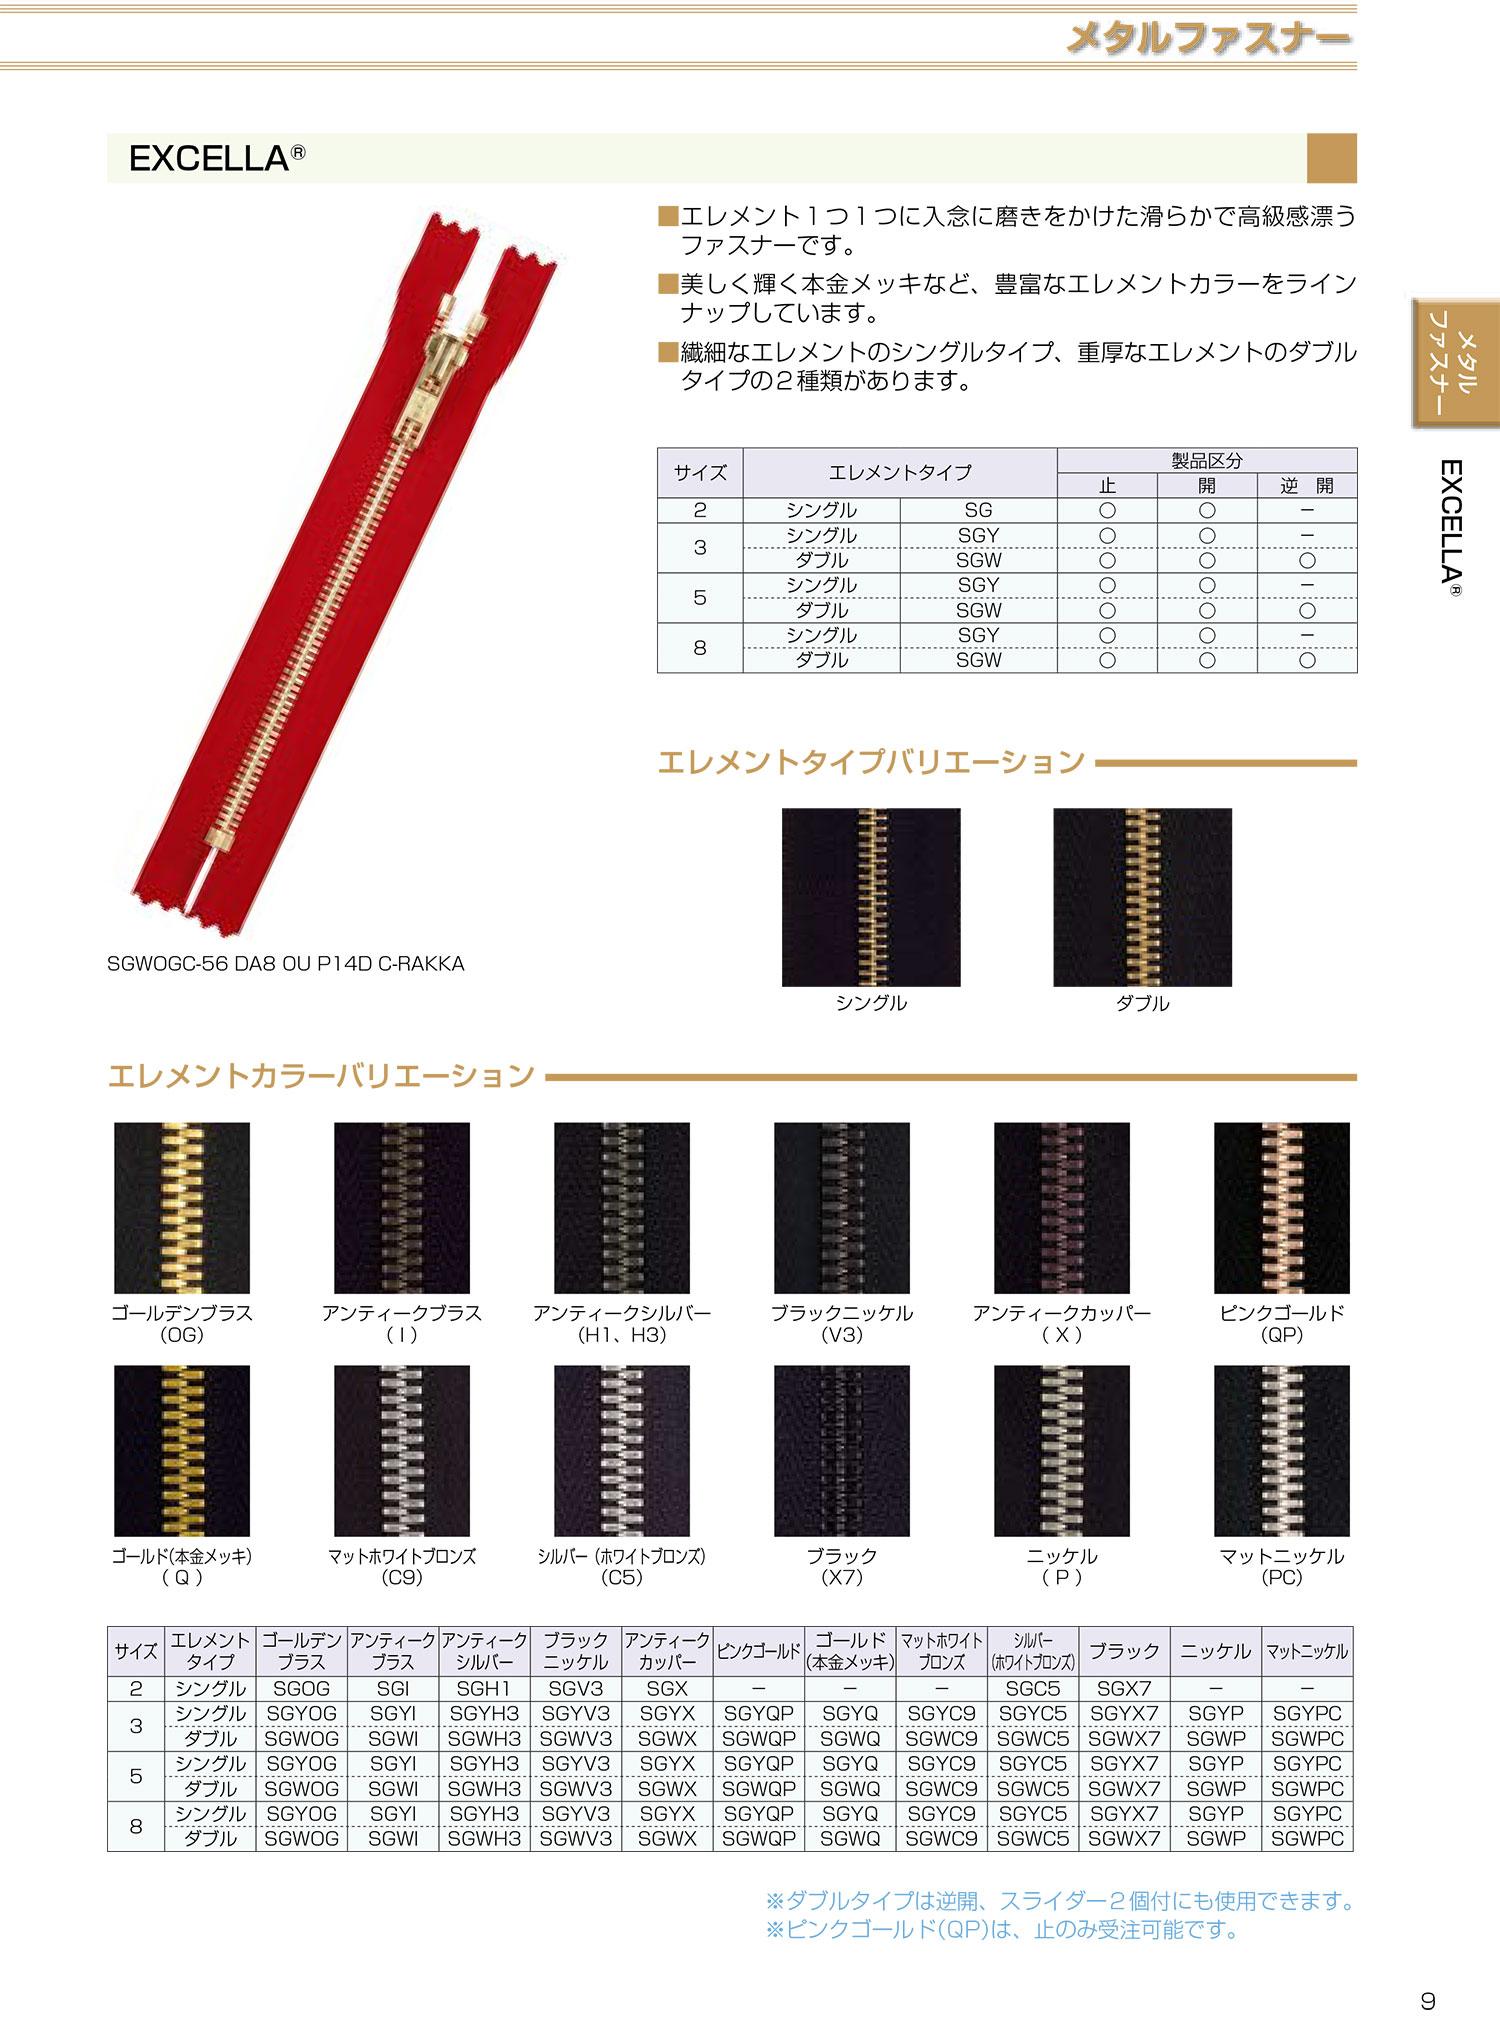 8SGWV3OR エクセラ 8サイズ ブラックニッケル オープン ダブル[ファスナー] YKK/オークラ商事 - ApparelX アパレル資材卸通販